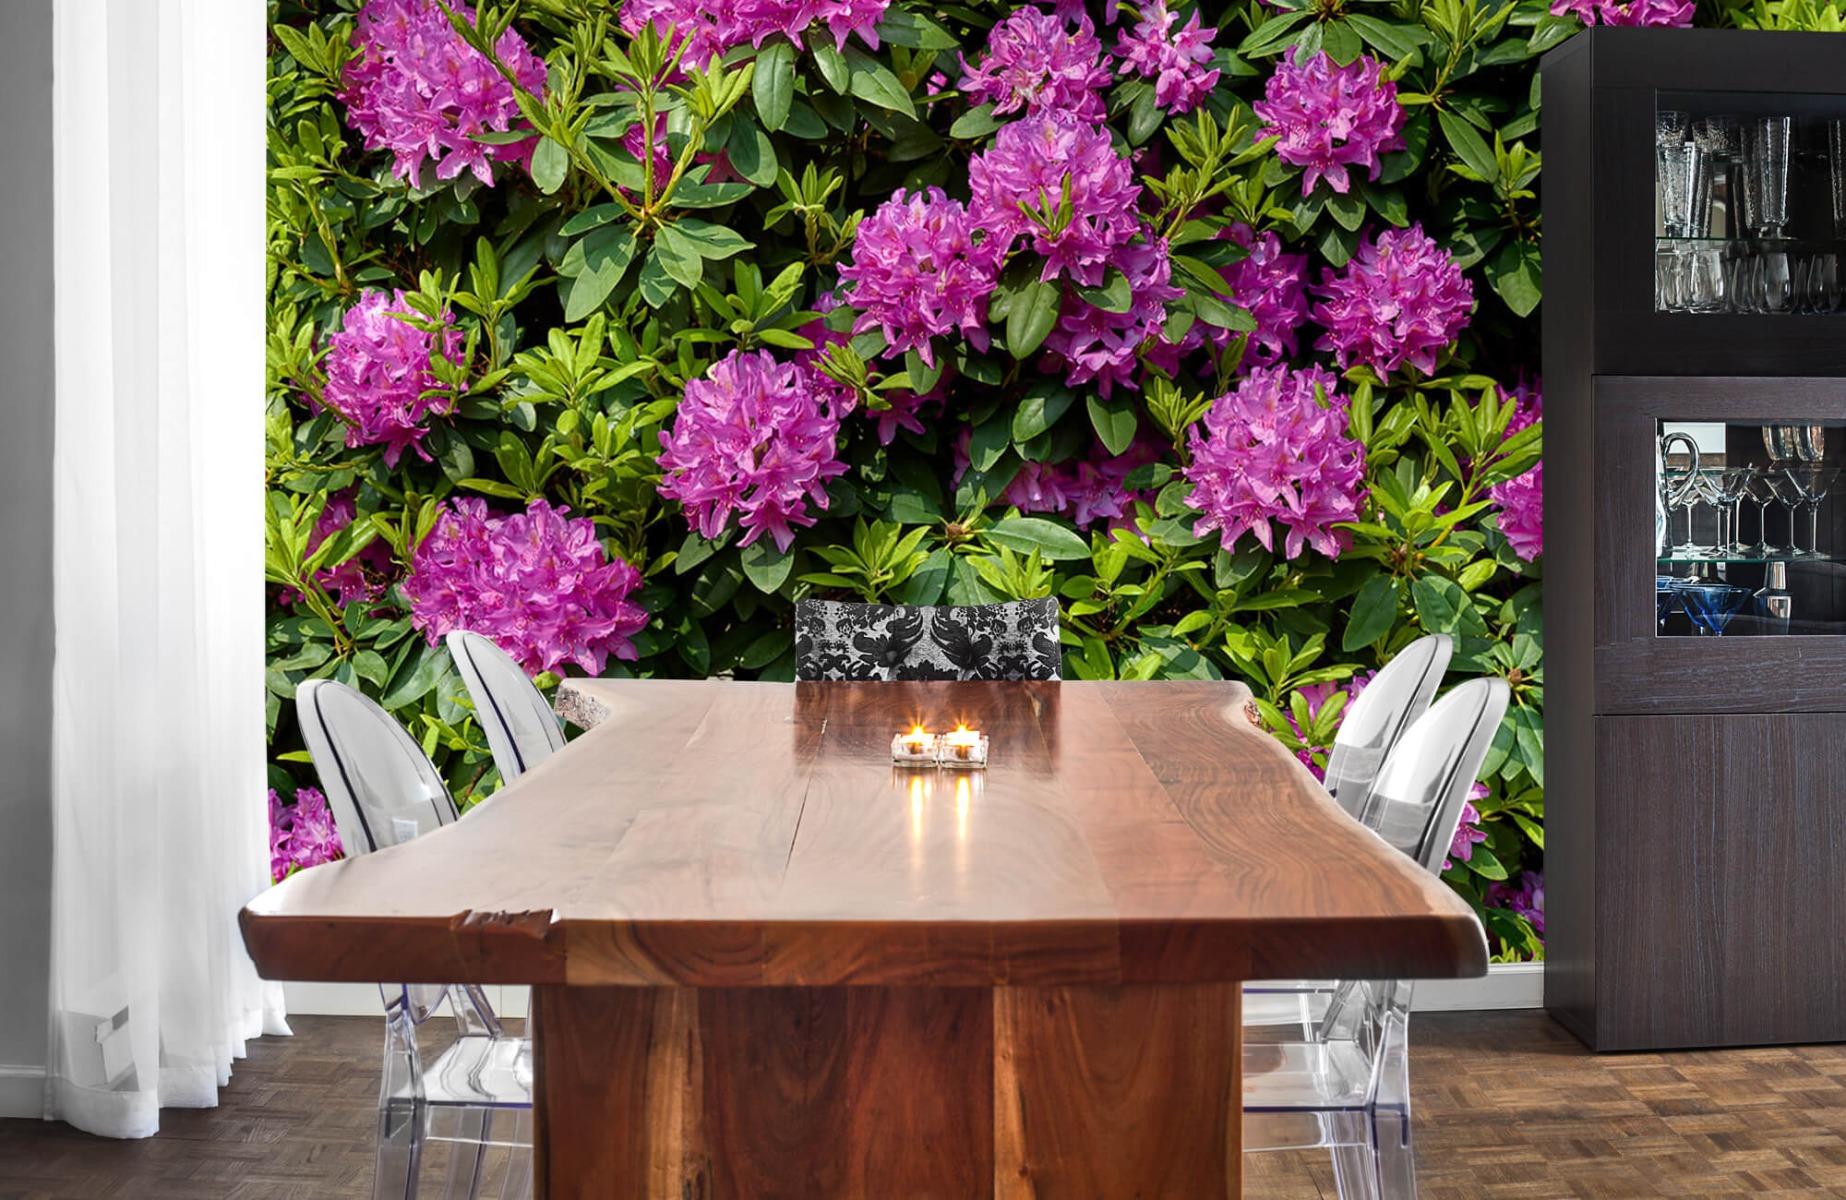 Bloemenvelden - Rododendrons - Wallexclusive - Slaapkamer 2